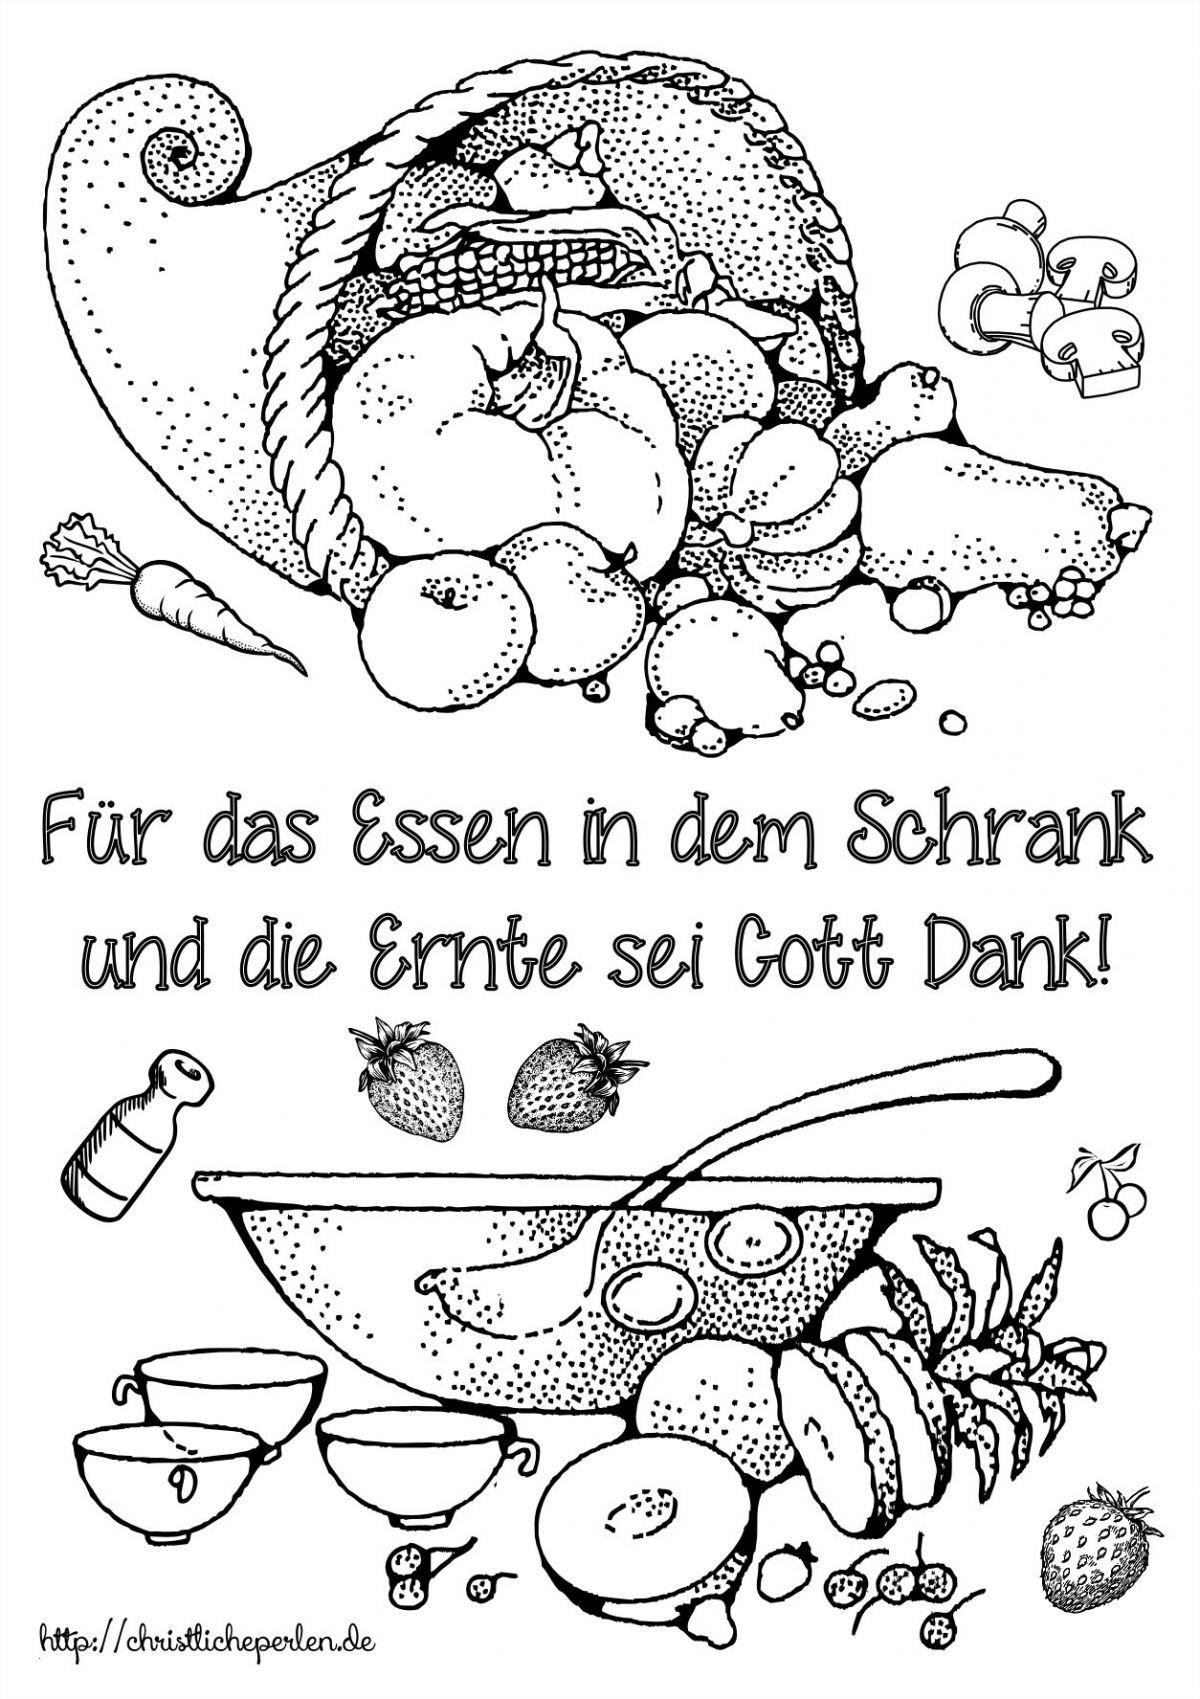 Pferde Ausmalbilder Zum Drucken Frisch Prinzessin Ausmalbilder Zum Ausdrucken New Malvorlagen Igel Best Das Bild